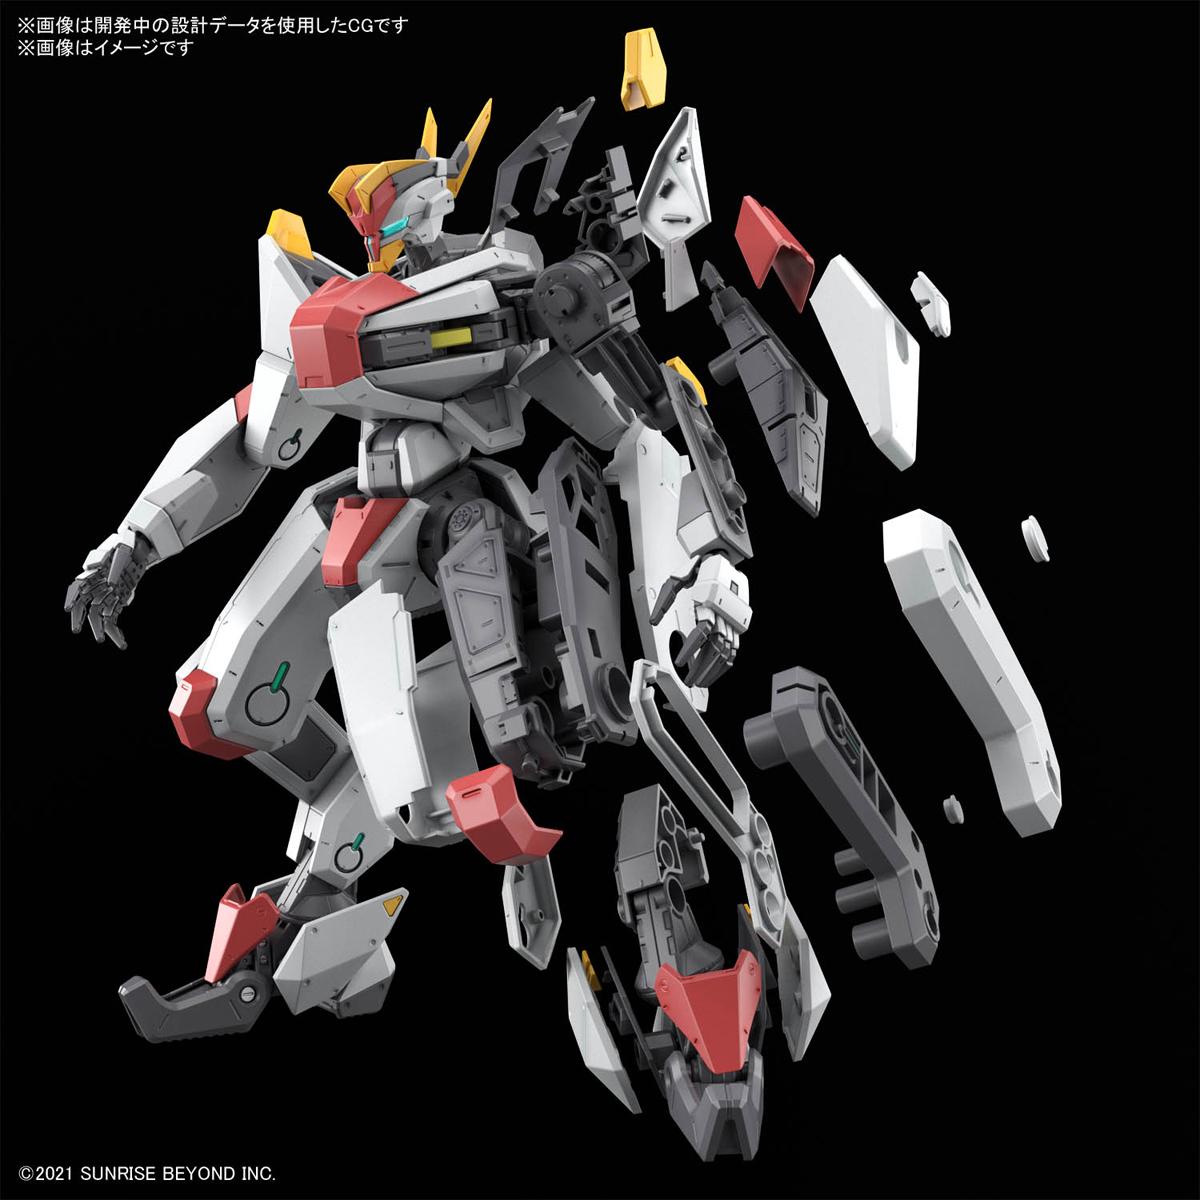 FULL MECHANICS 1/48『メイレスケンブ(初回限定クリア外装付き)』境界戦機 プラモデル-009